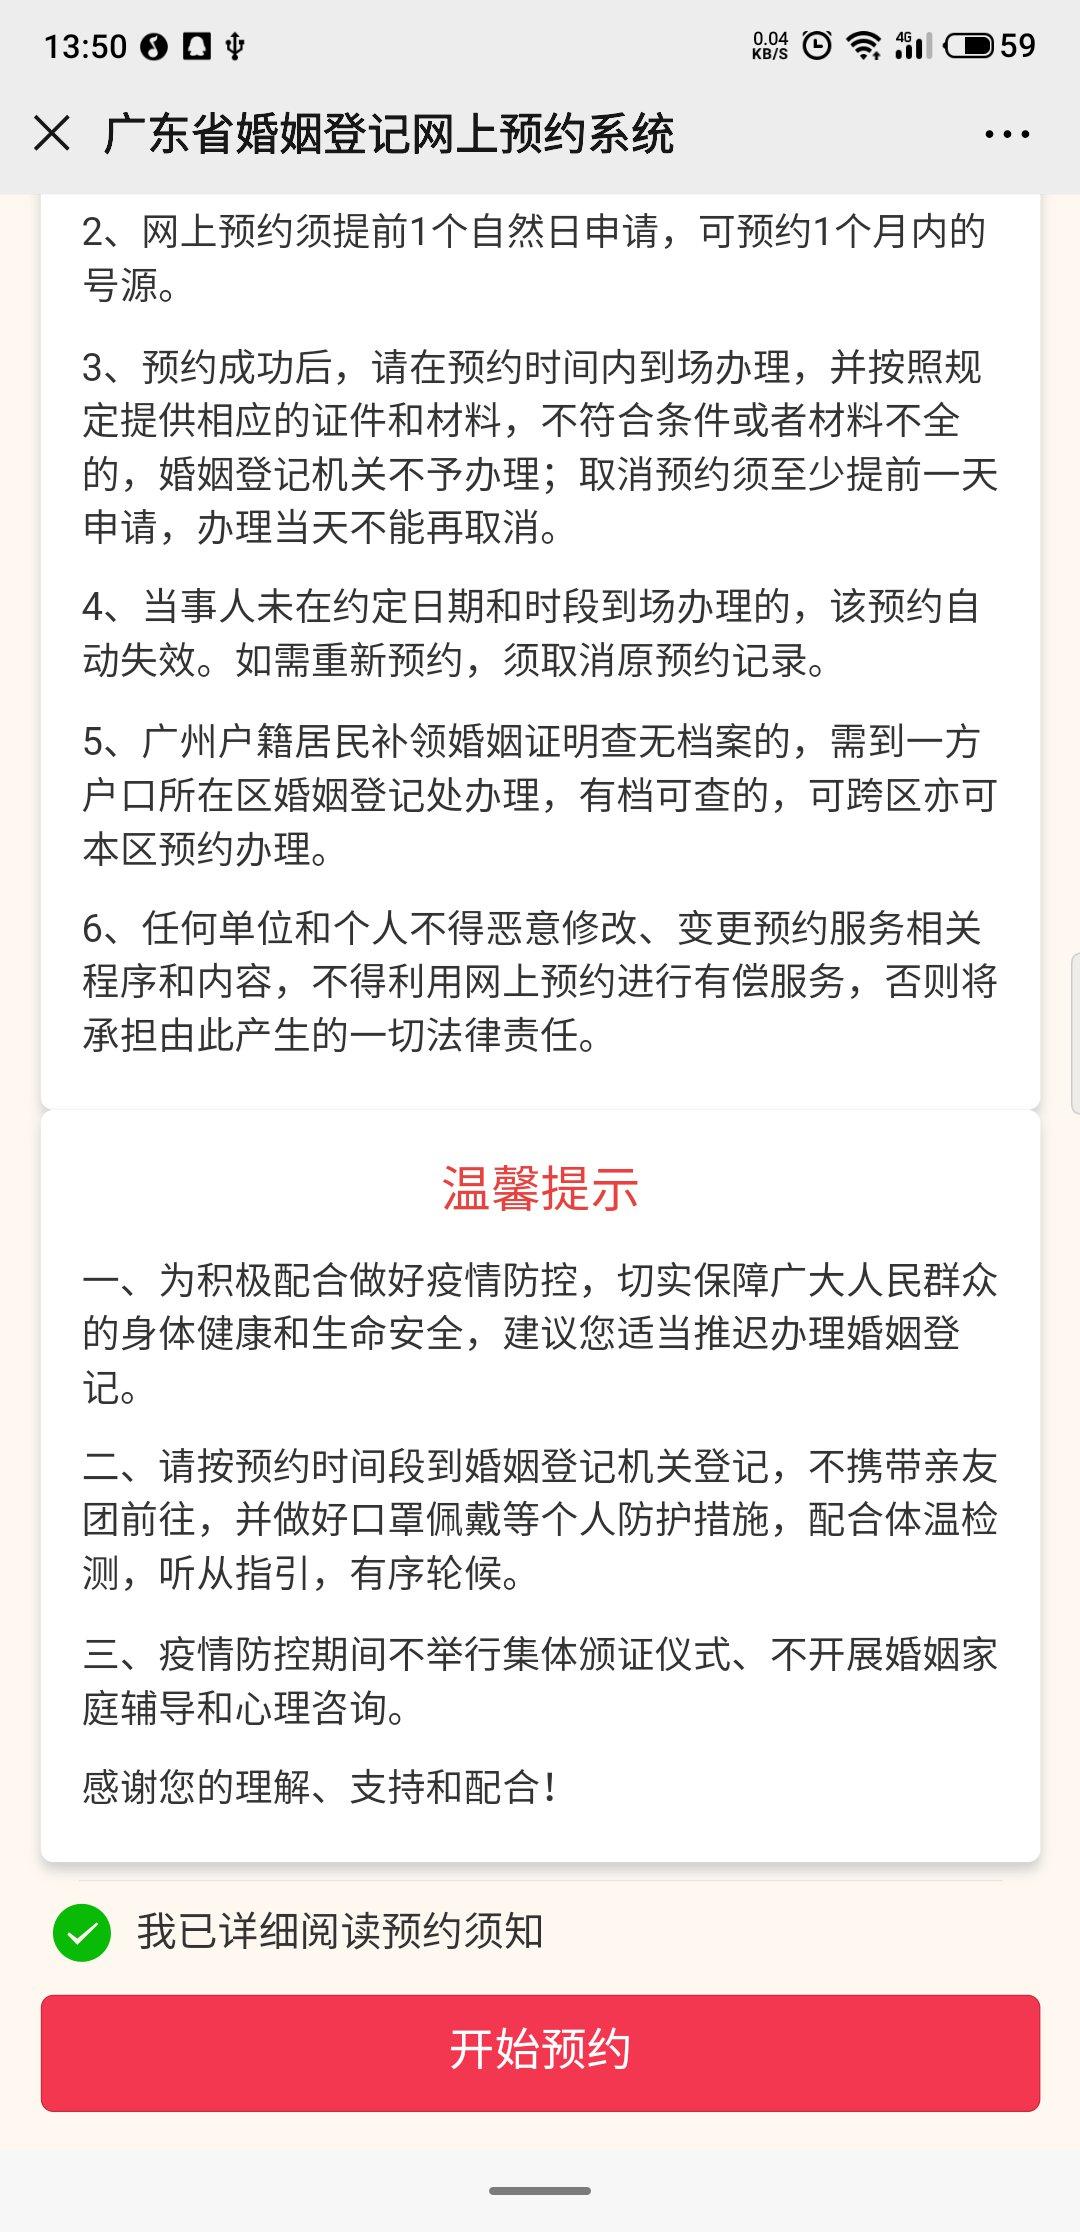 深圳5月20日如何预约结婚登记详细指南